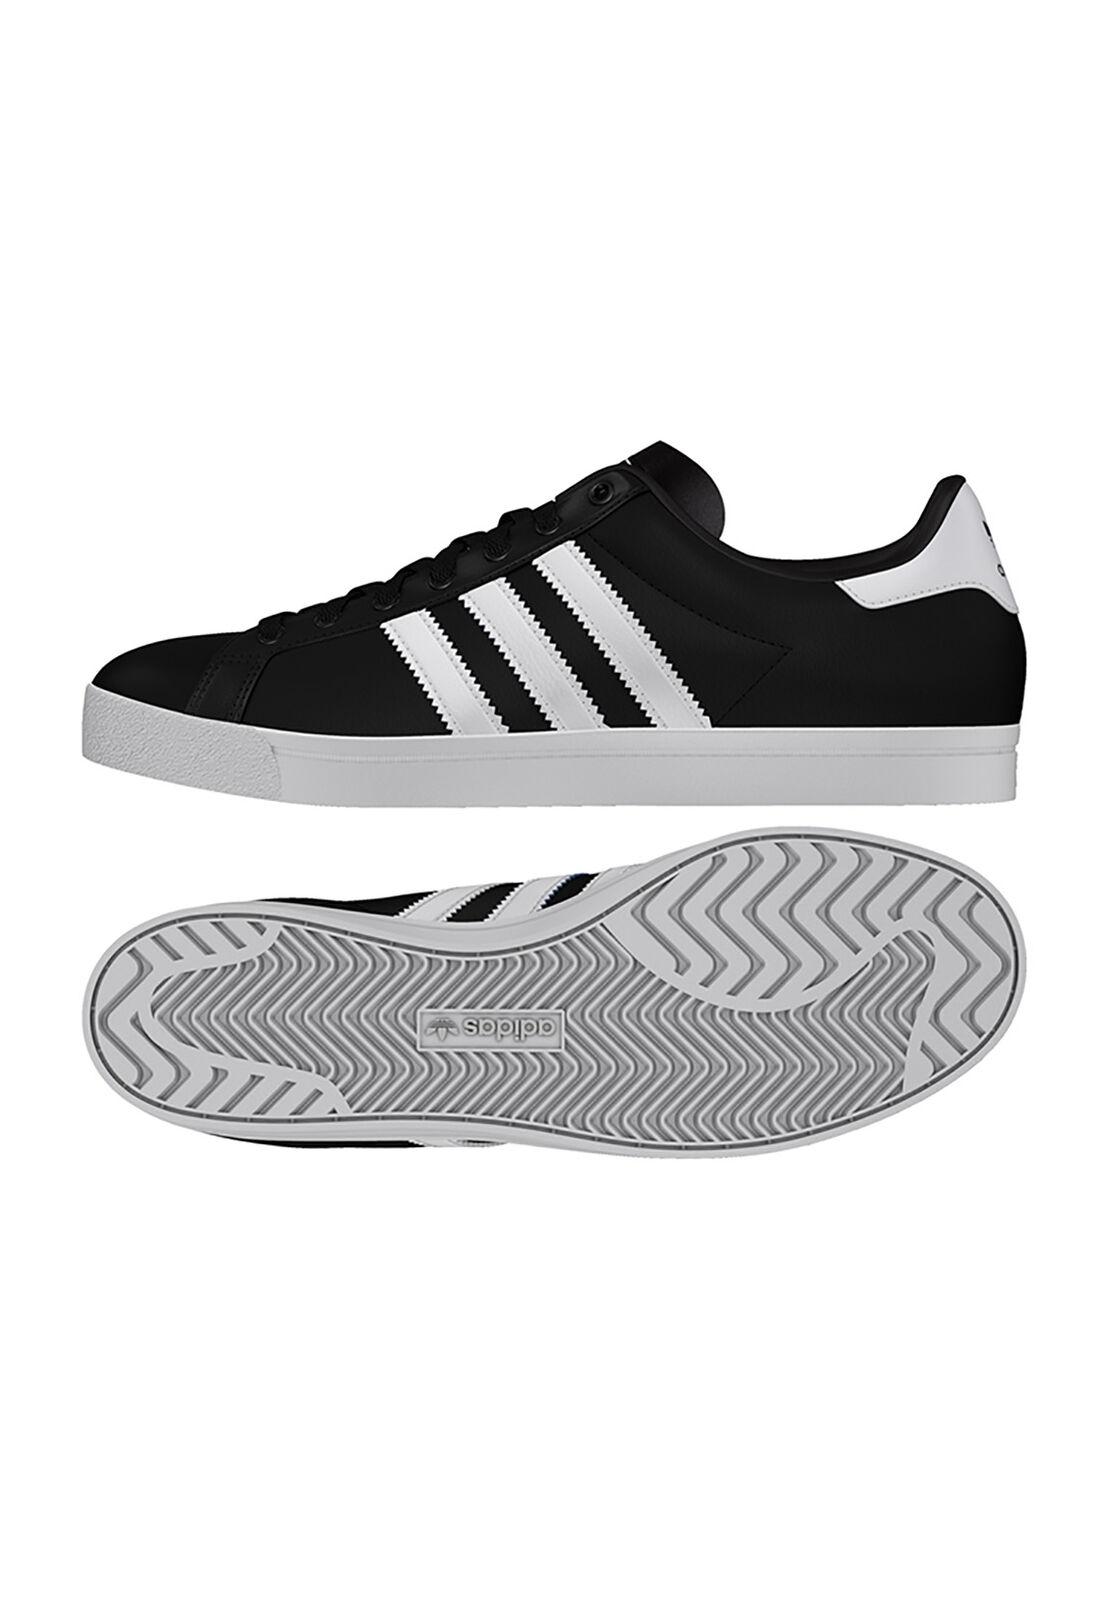 d3d532f57e567 Adidas Originals Trainers Coast Star EE8901 Black